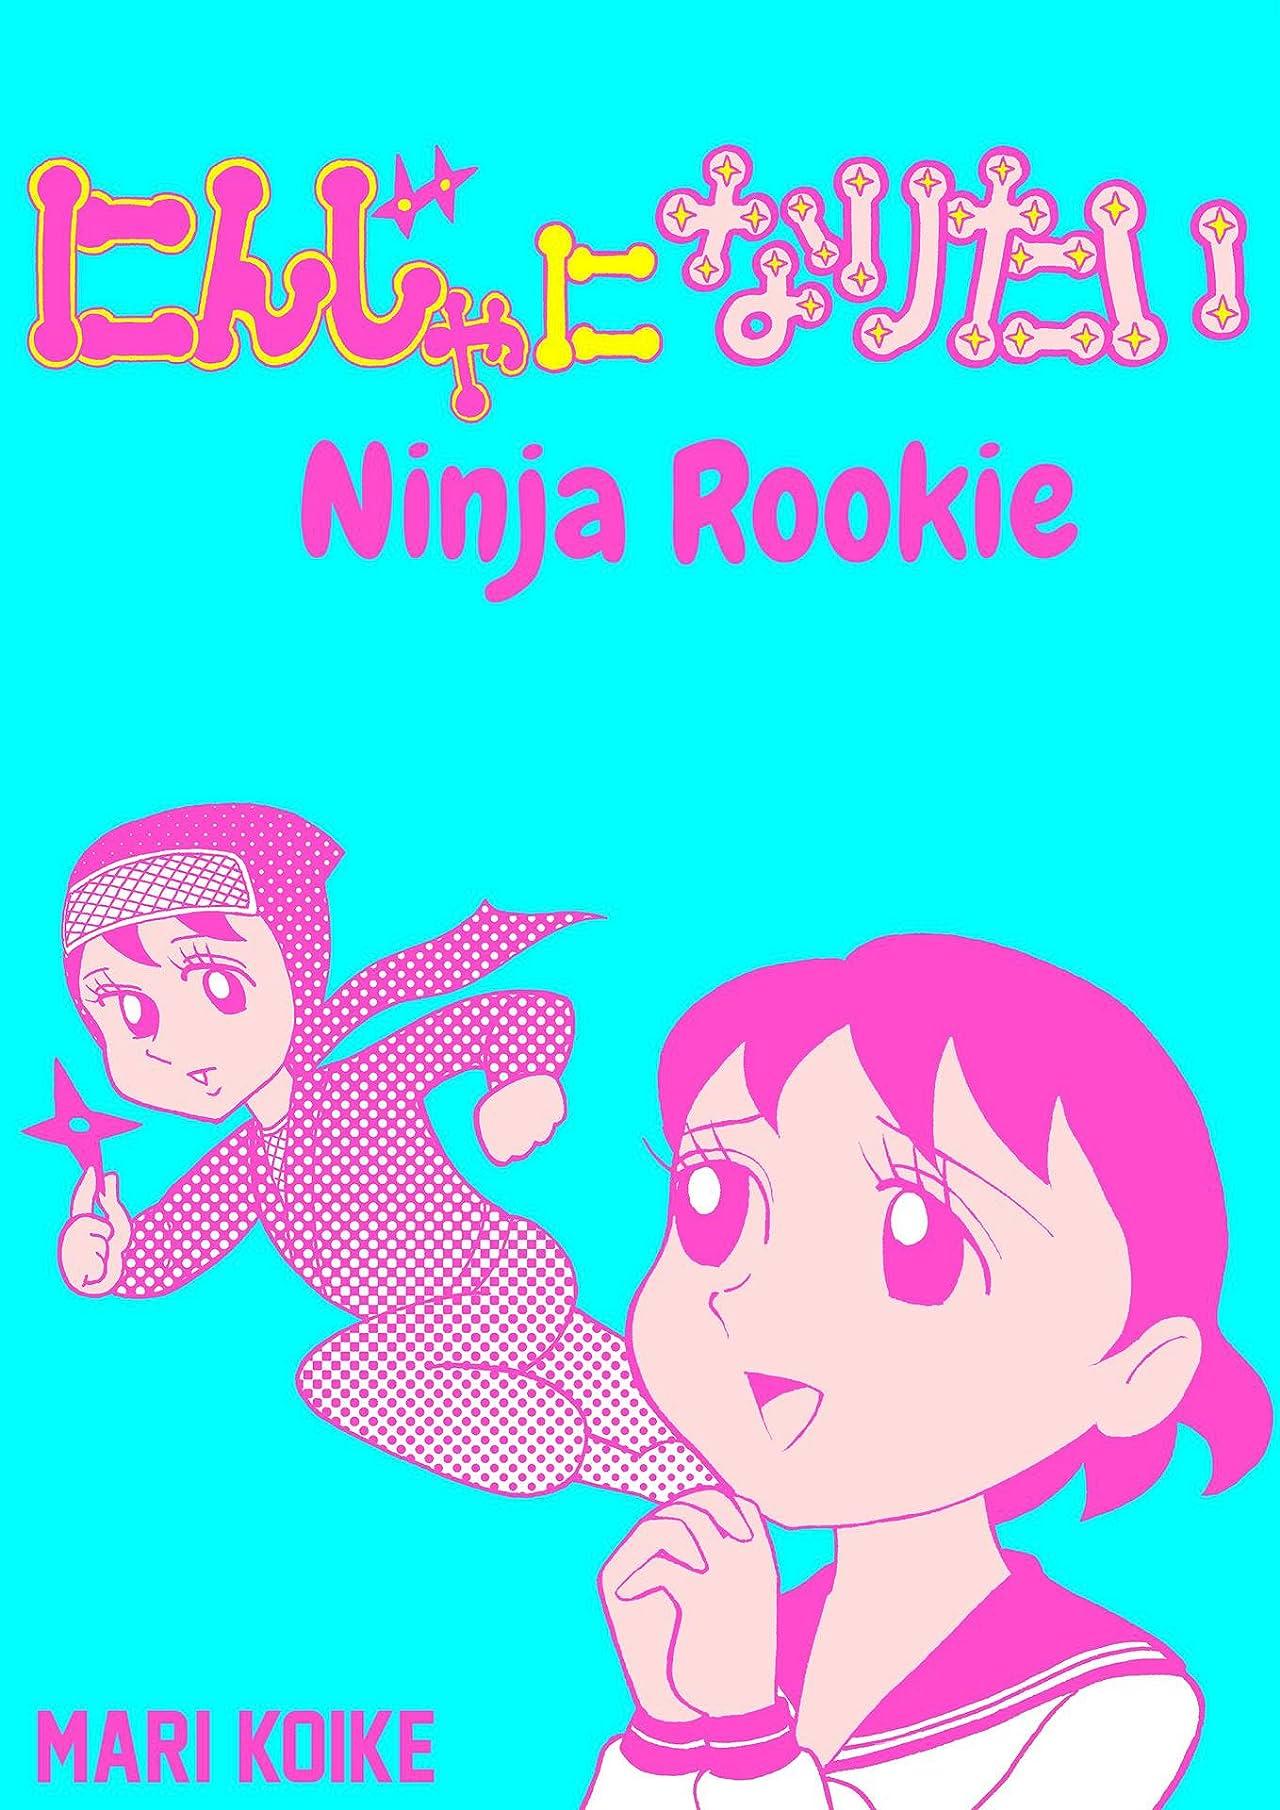 Ninja Rookie